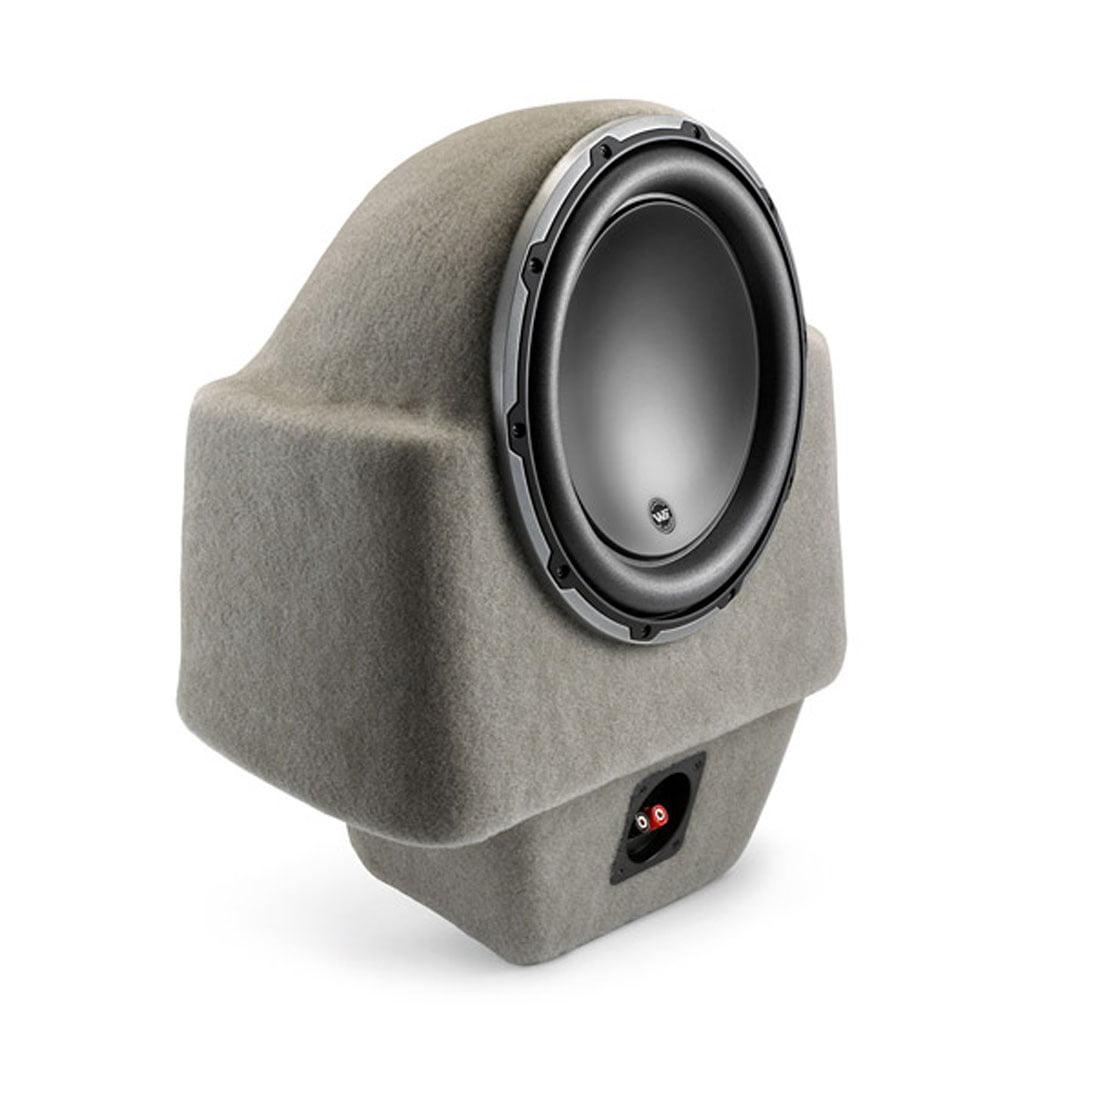 JL Audio SB-GM-HUMRH2/12W6v3/DG Stealthbox for 2003-2007 Hummer H2 - 94141